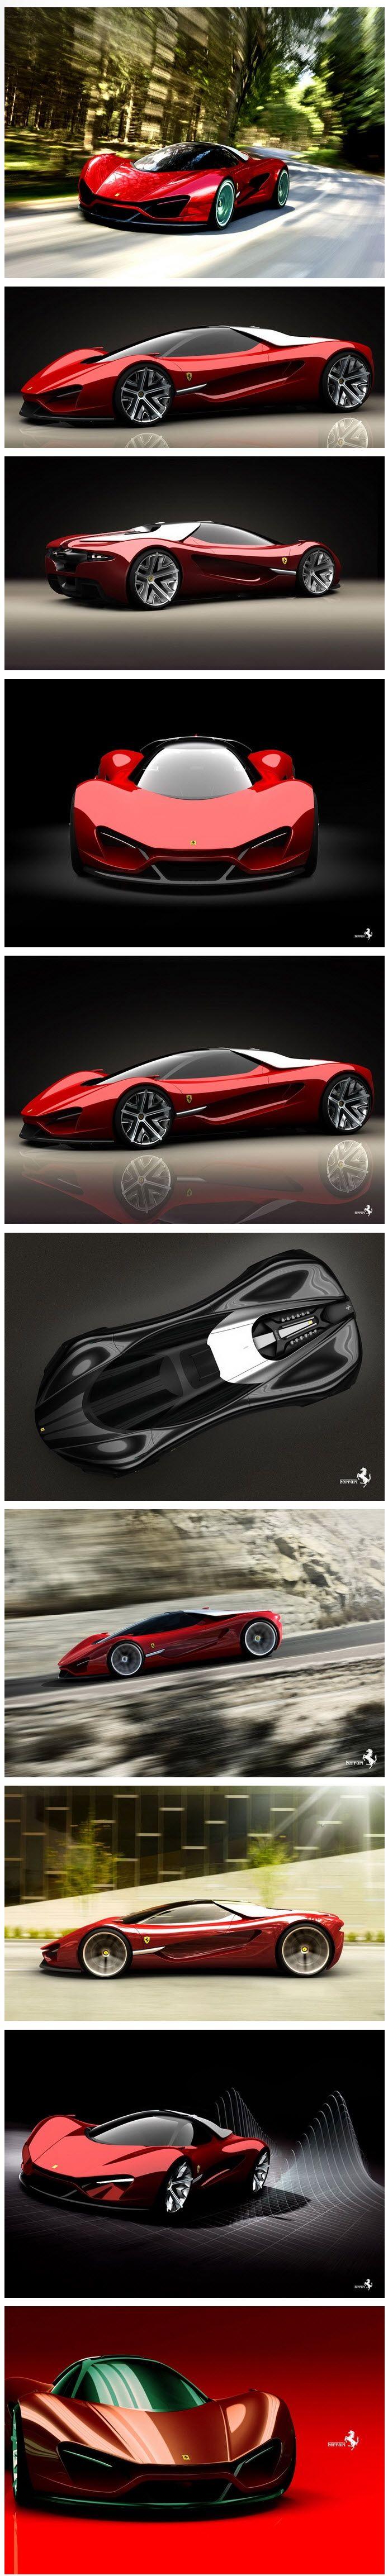 Ferrari Xezri Concept